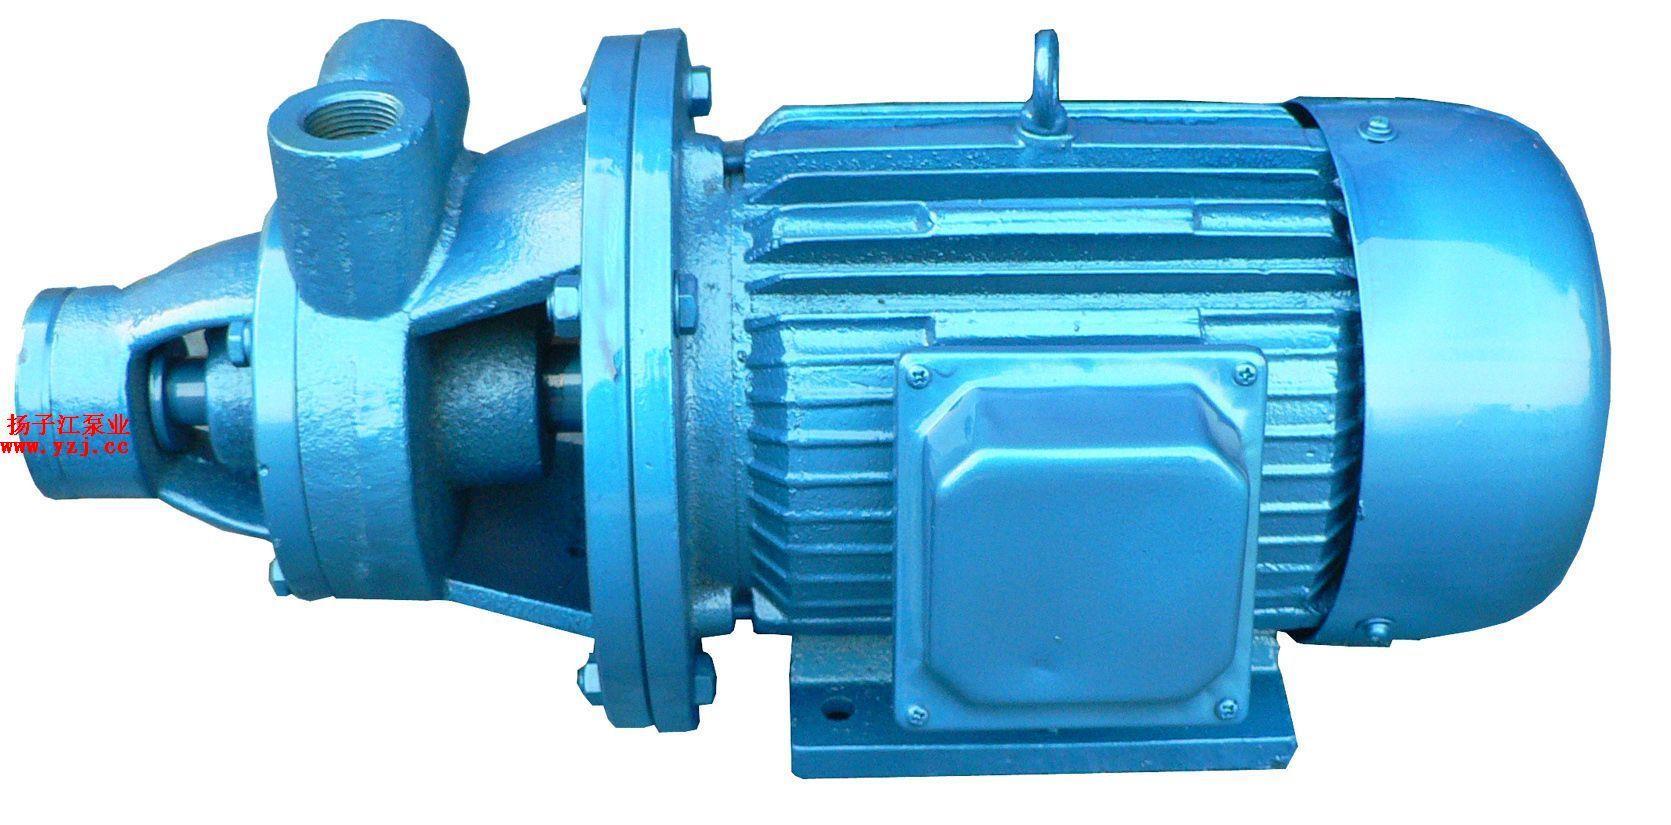 扬子江漩涡泵系列